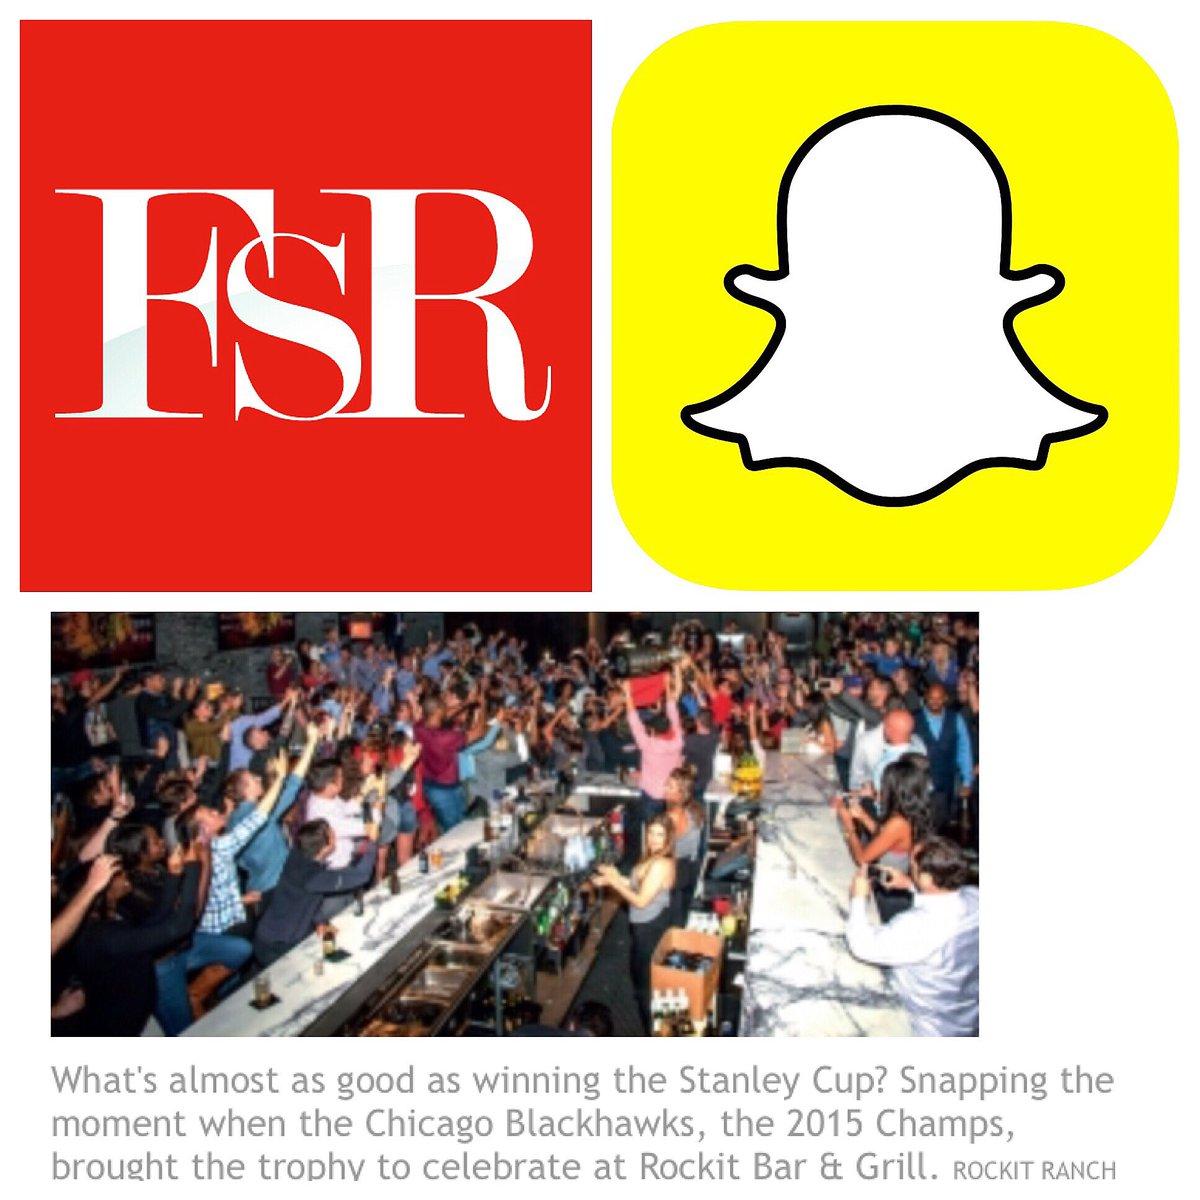 Tablesetters Fsr Magazine Fsrmag Twitter